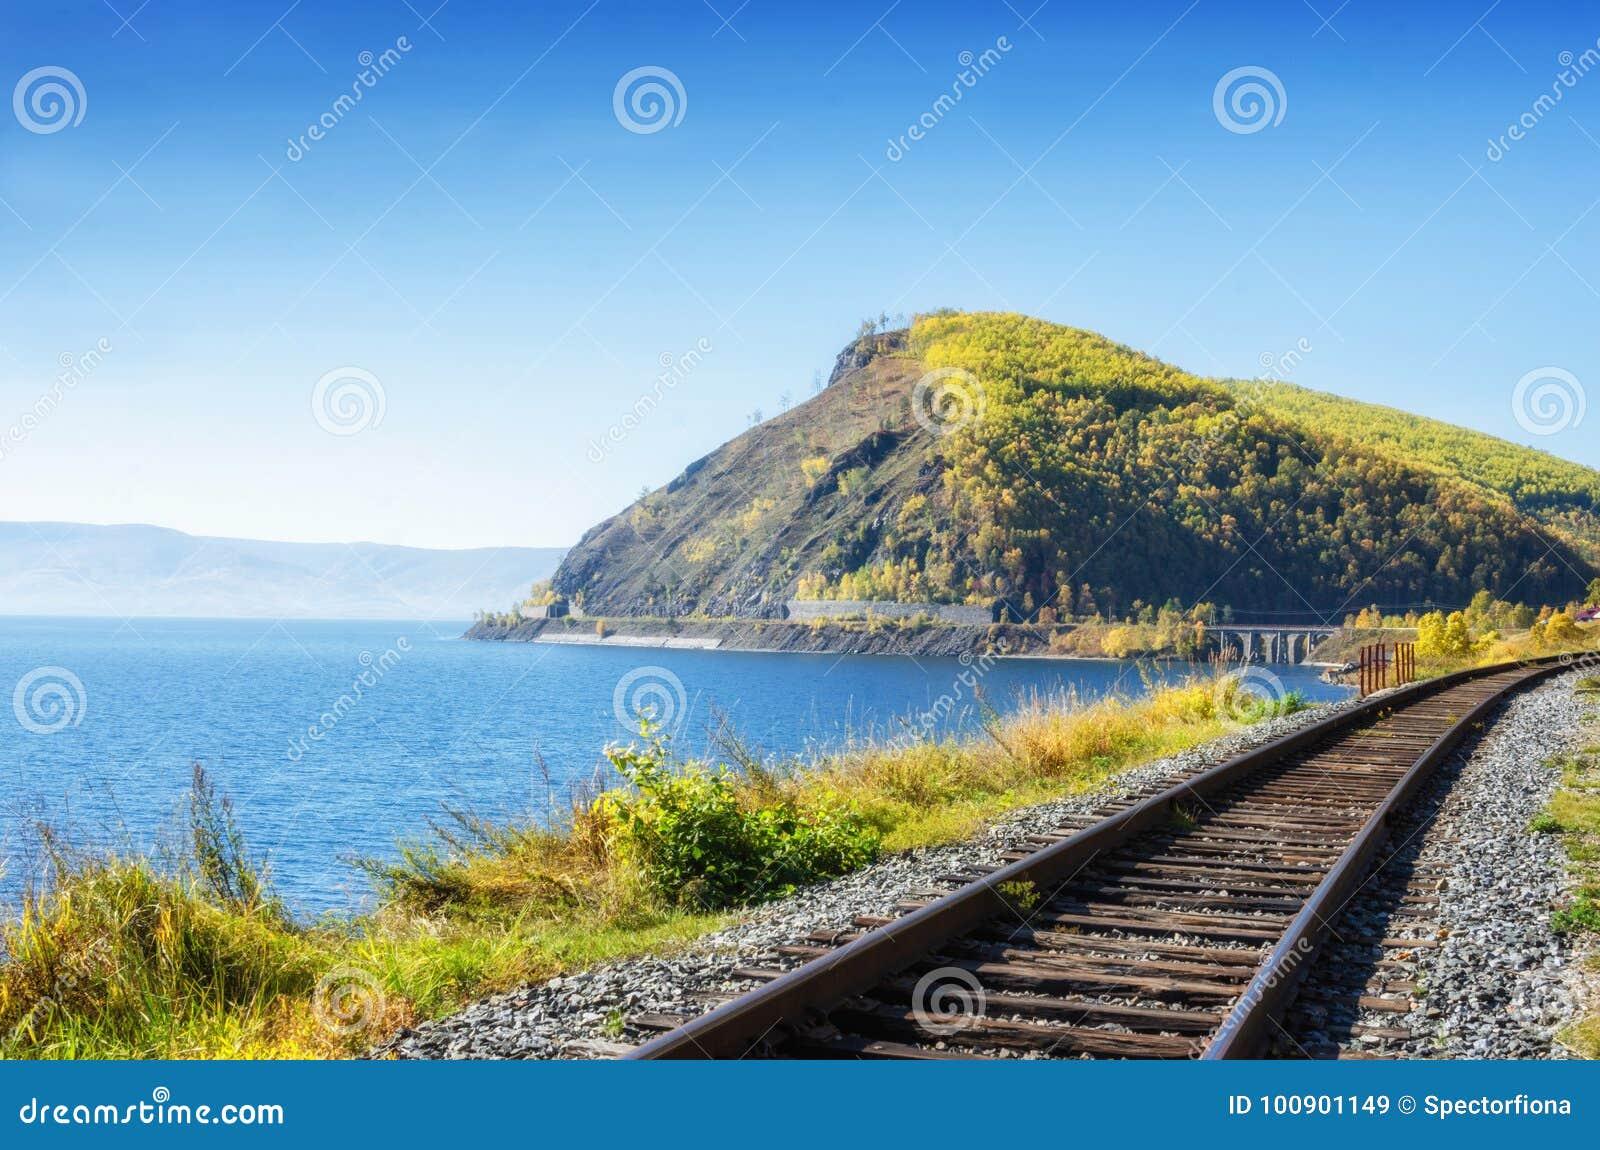 Herbst auf Circum-Baikal-Eisenbahn, Ost-Sibirien, Russland